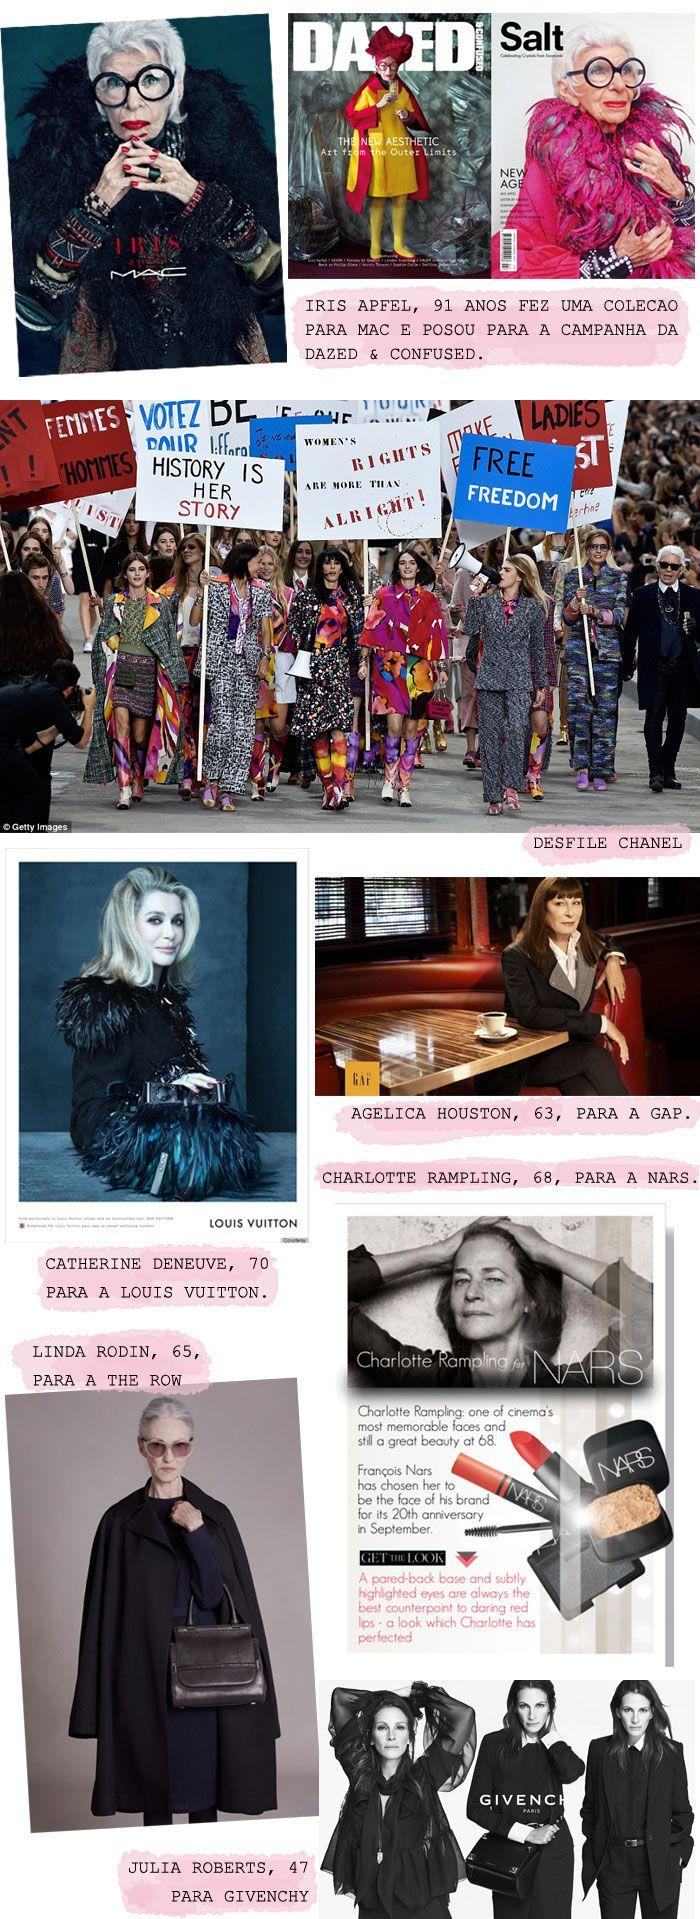 Por que as marcas de luxo têm colocado mulheres reais e mais velhas nas suas campanhas?    por Nuta, Marie | Girls with style       - http://modatrade.com.br/por-que-as-marcas-de-luxo-t-m-colocado-mulheres-reais-e-mais-velhas-nas-suas-campanhas